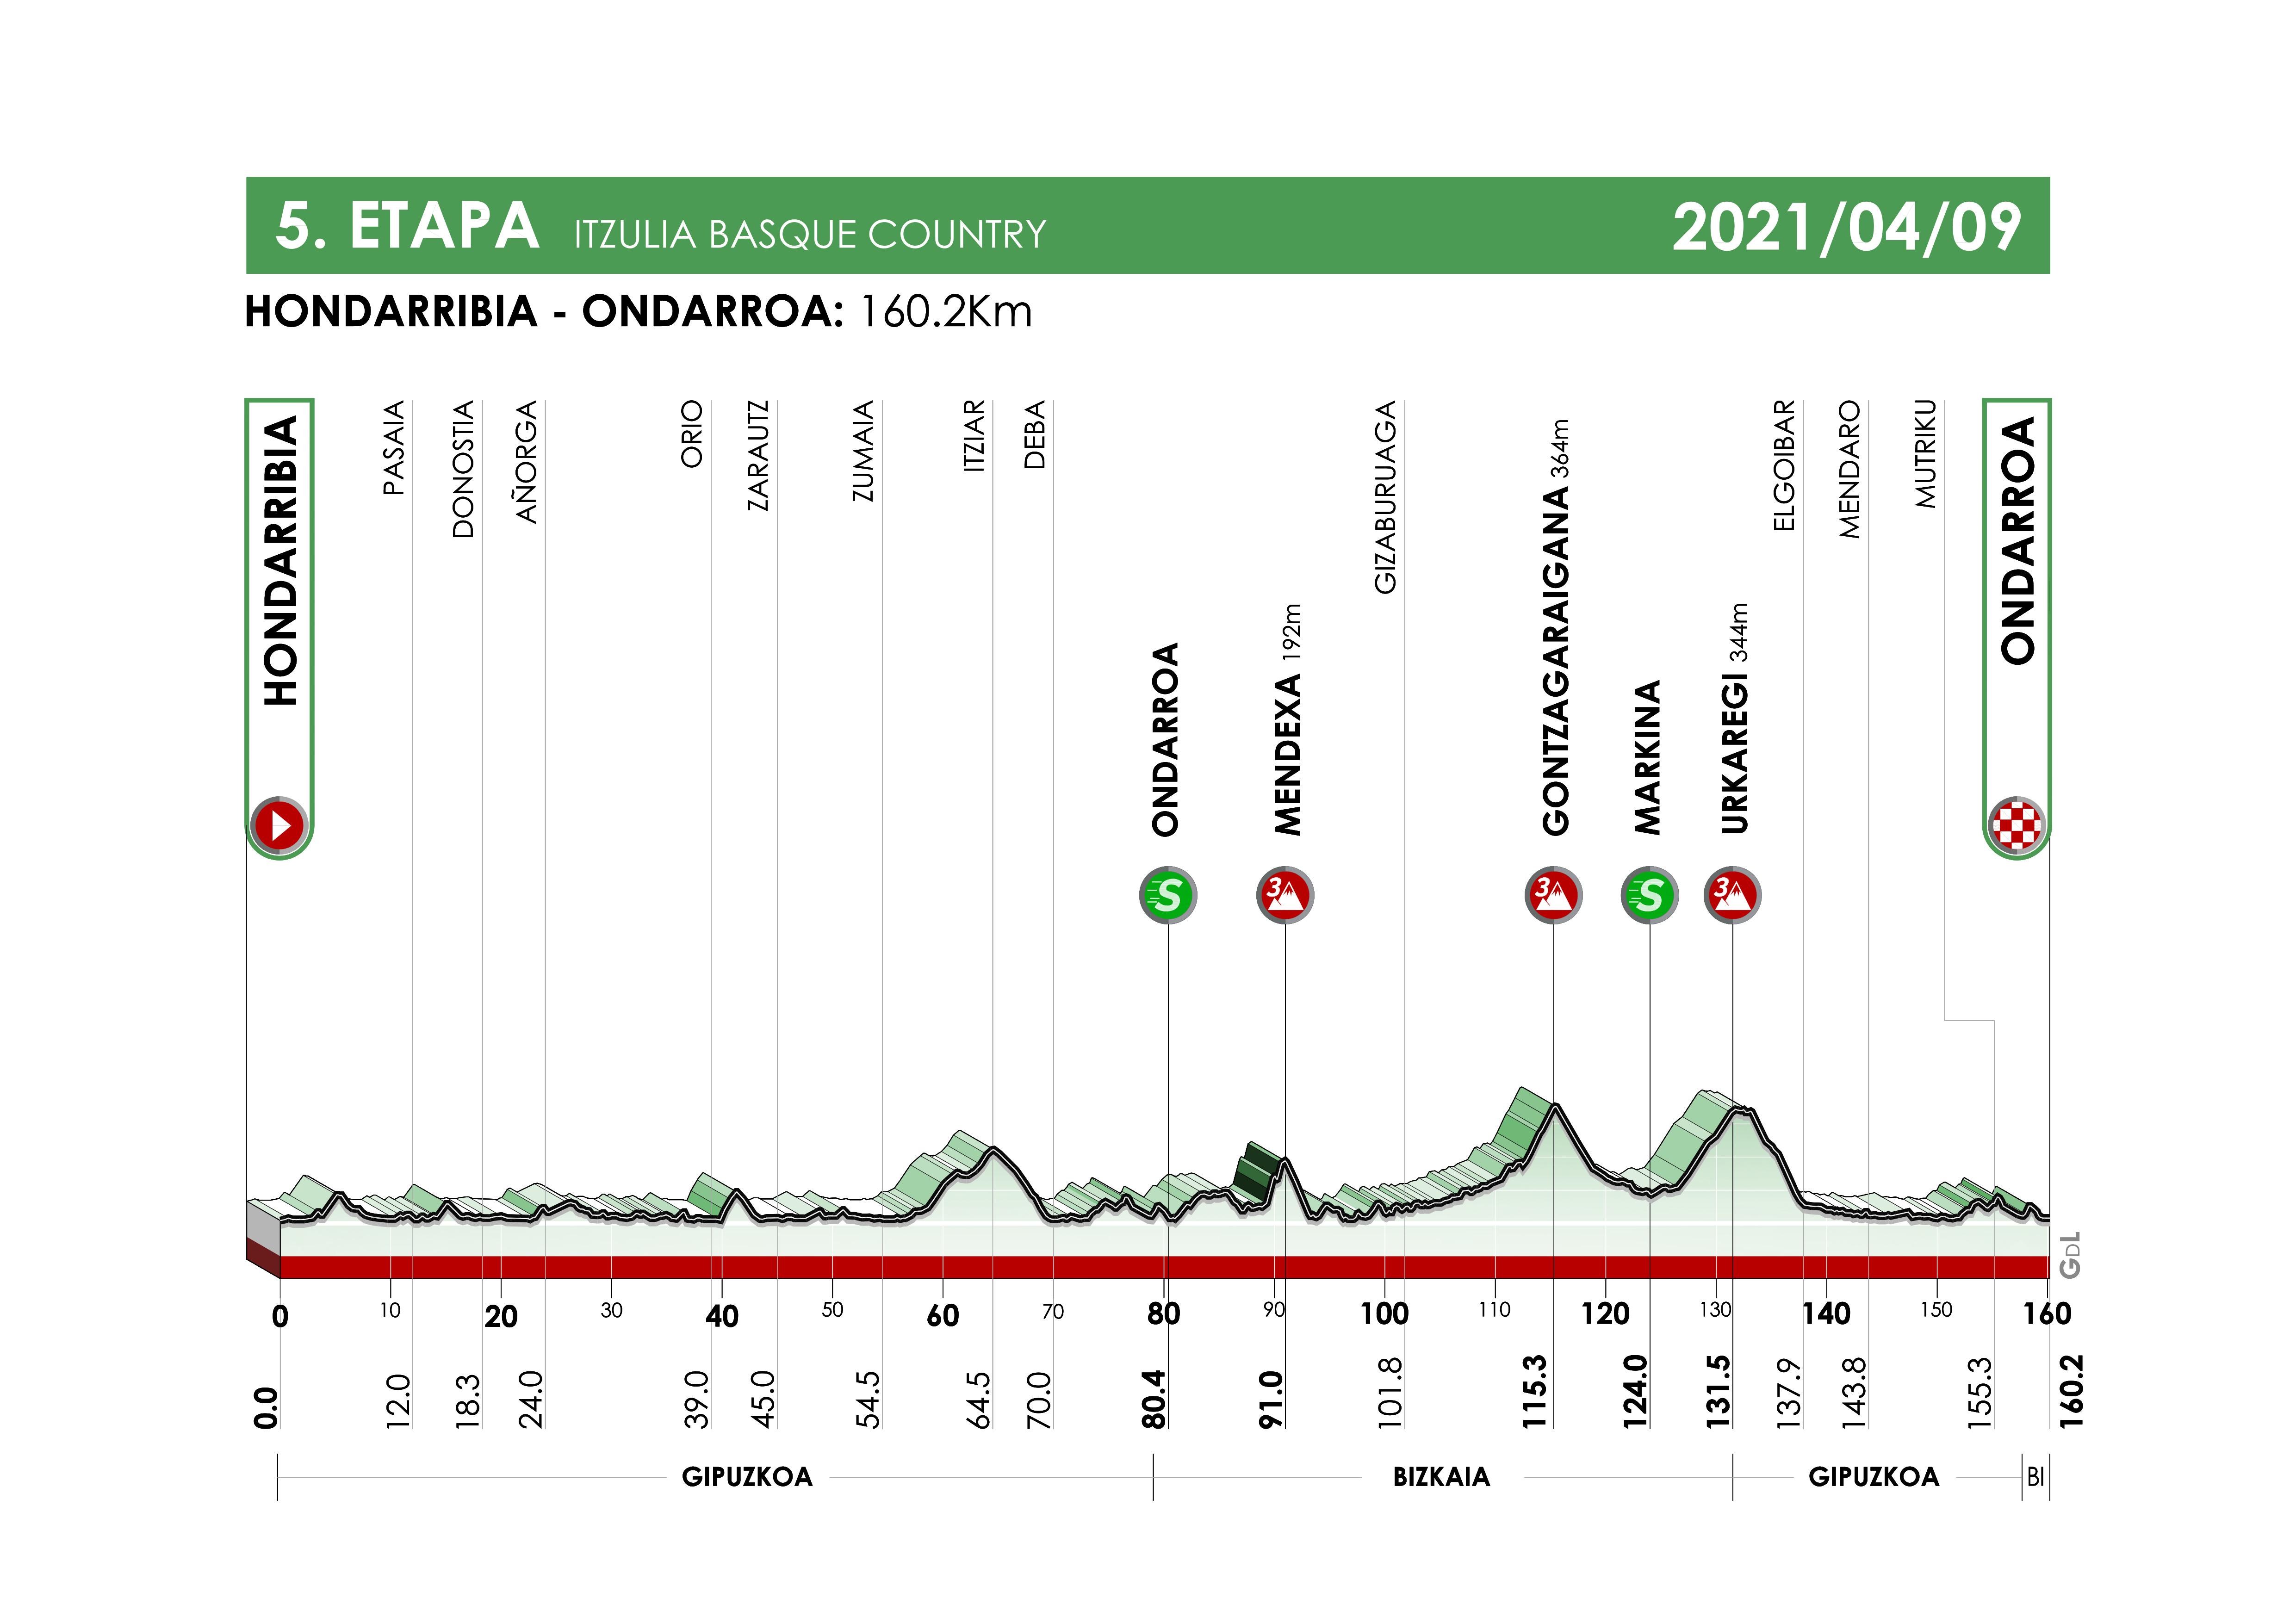 Etapa 5 Vuelta al País Vasco 2021